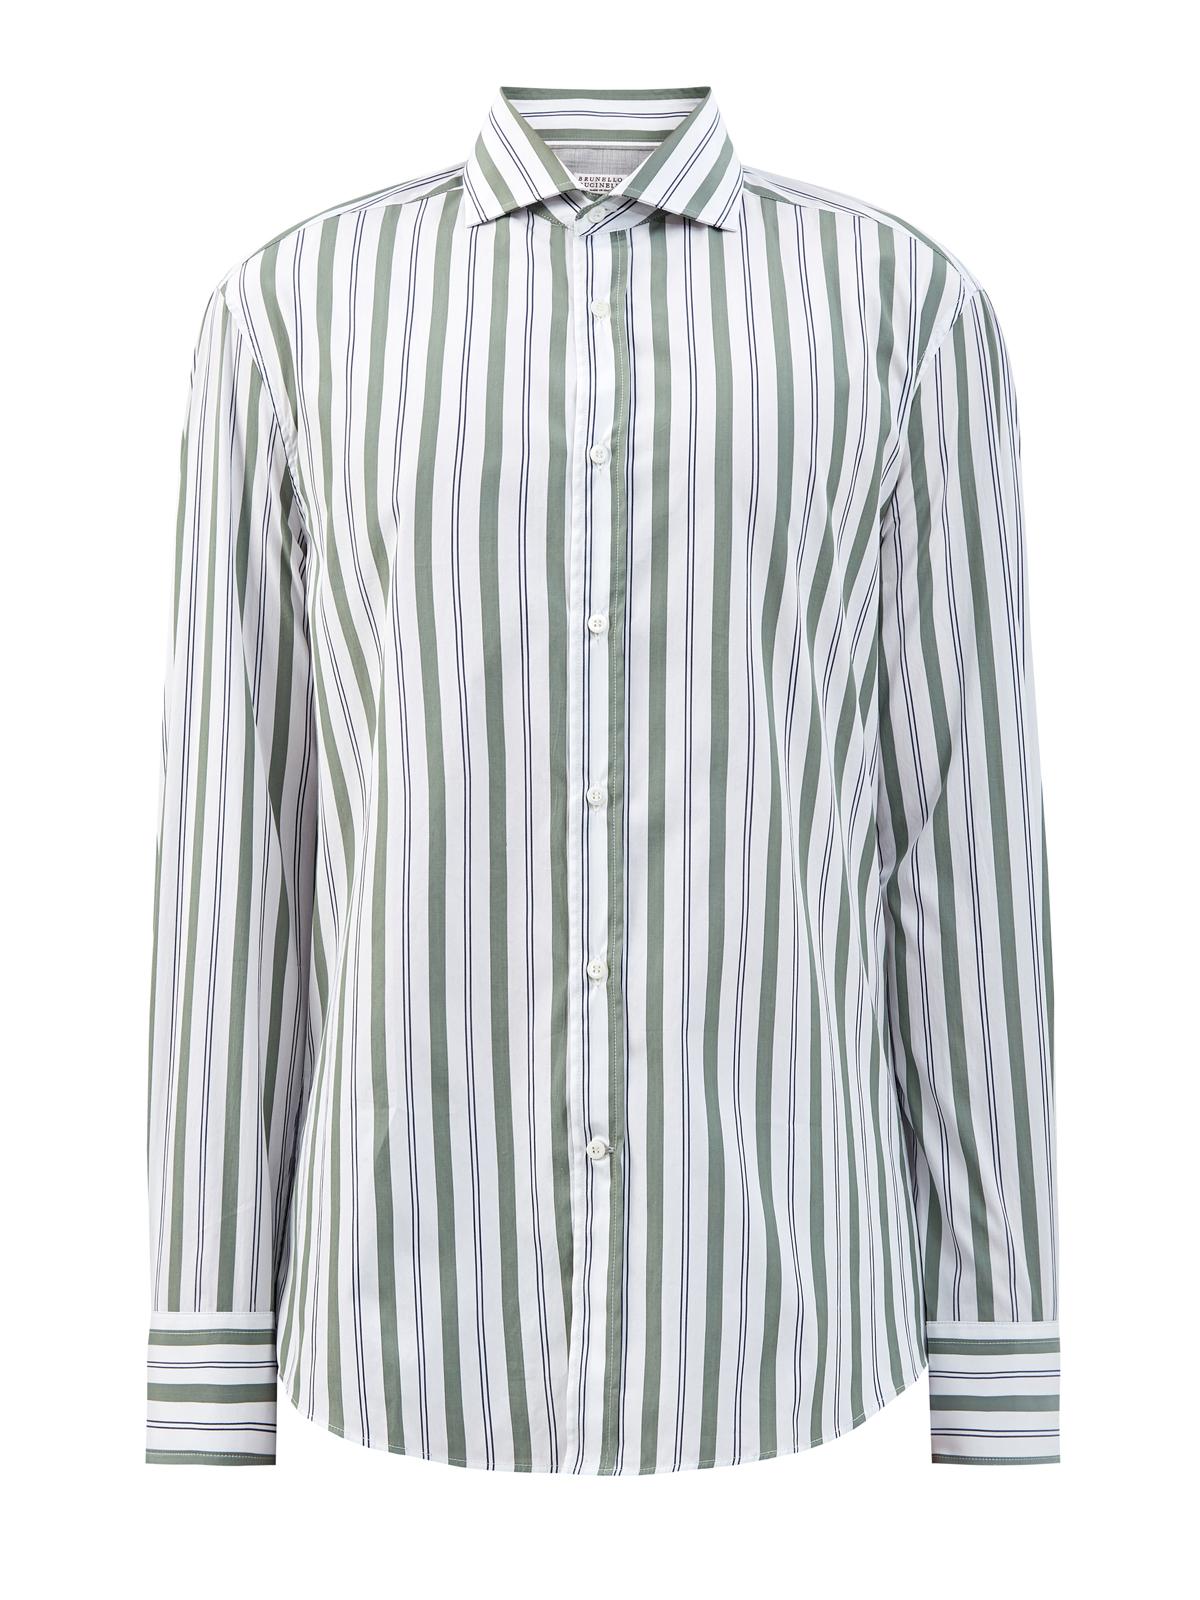 Приталенная рубашка в полоску из гладкого поплина